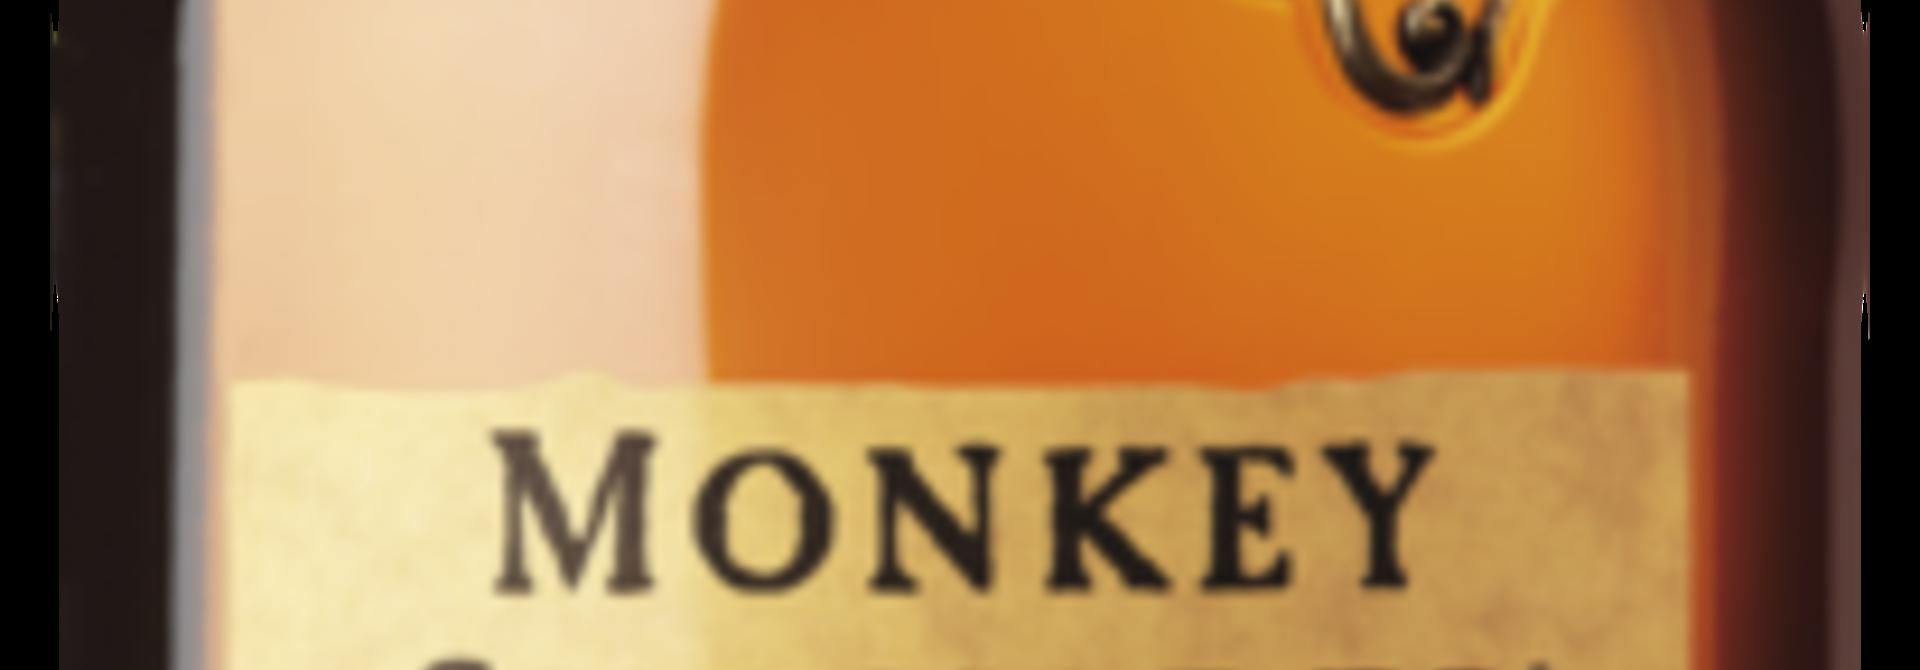 MONKEY SCHOULDER Blended Malt 0.7ltr